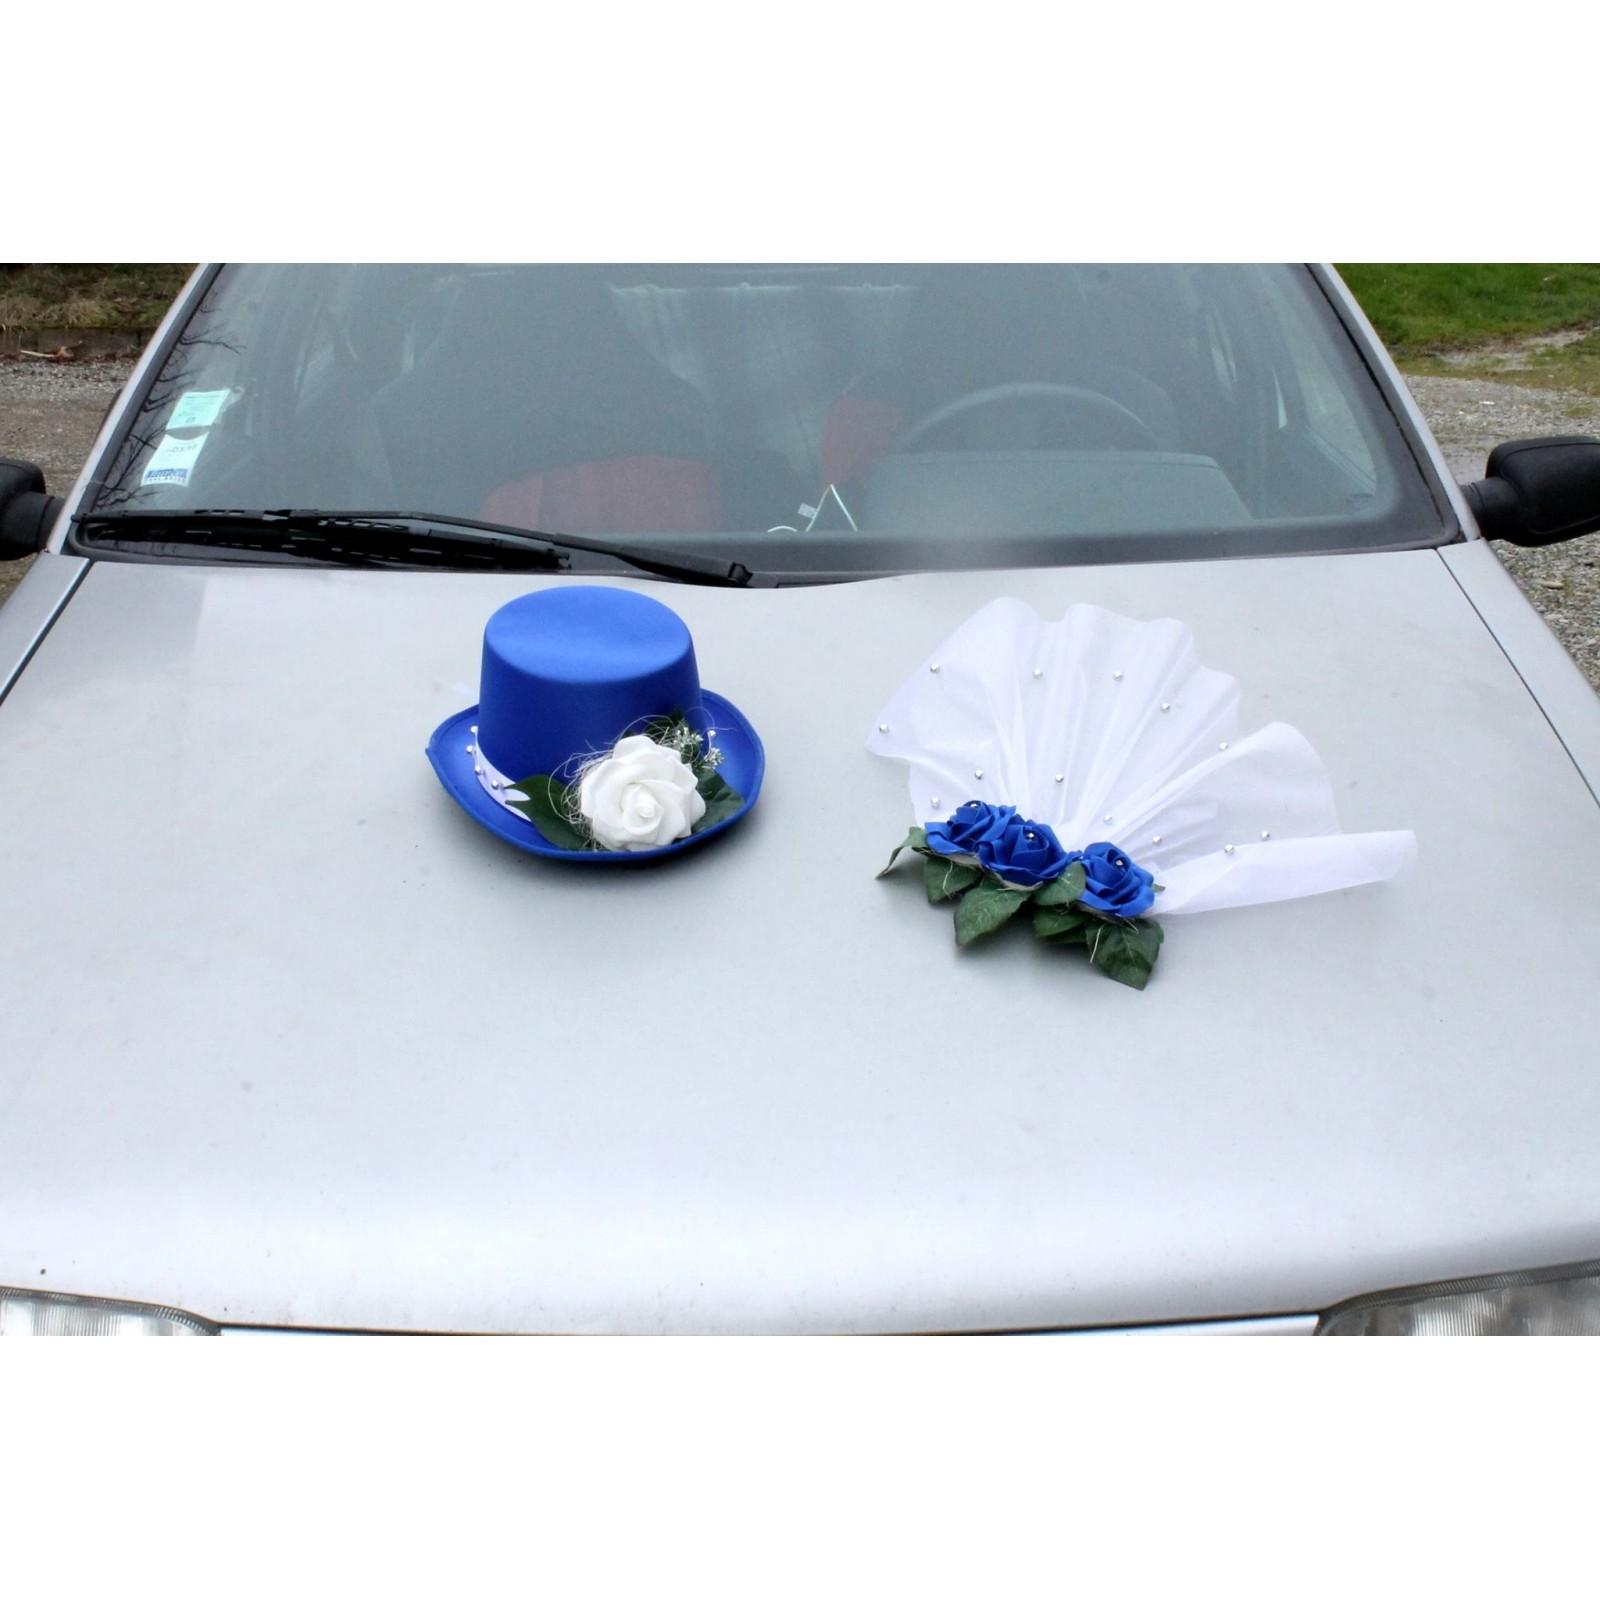 sélectionner pour dernier tout à fait stylé plusieurs couleurs Chapeau et voile pour la voiture de mariage couleur bleu ...